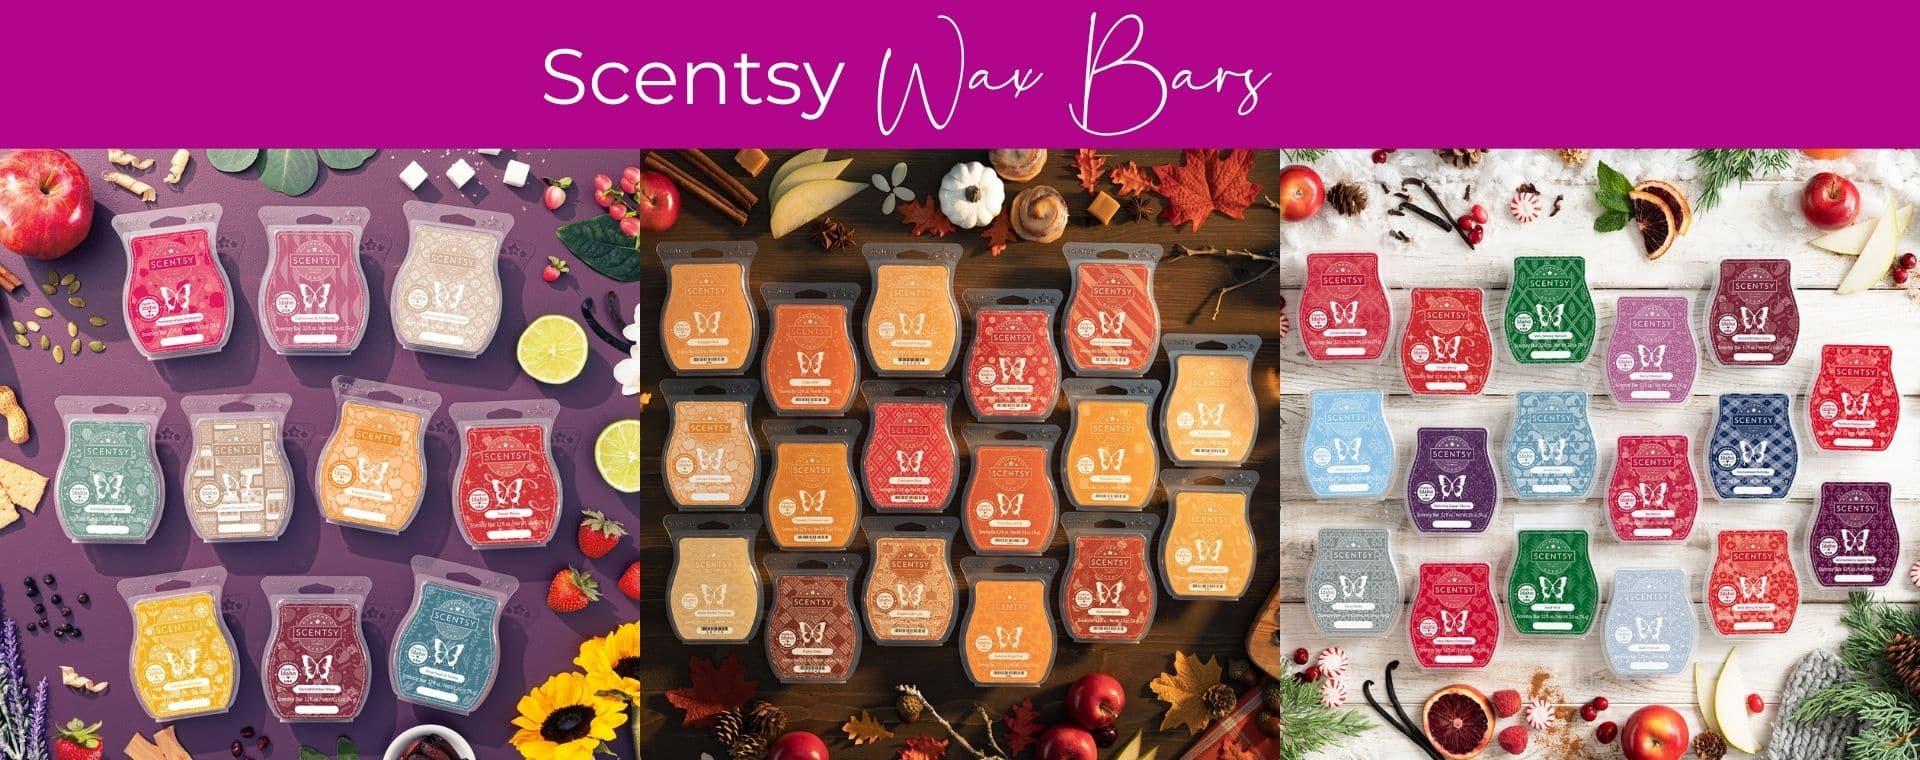 Scentsy Wax Bars Fall 2021